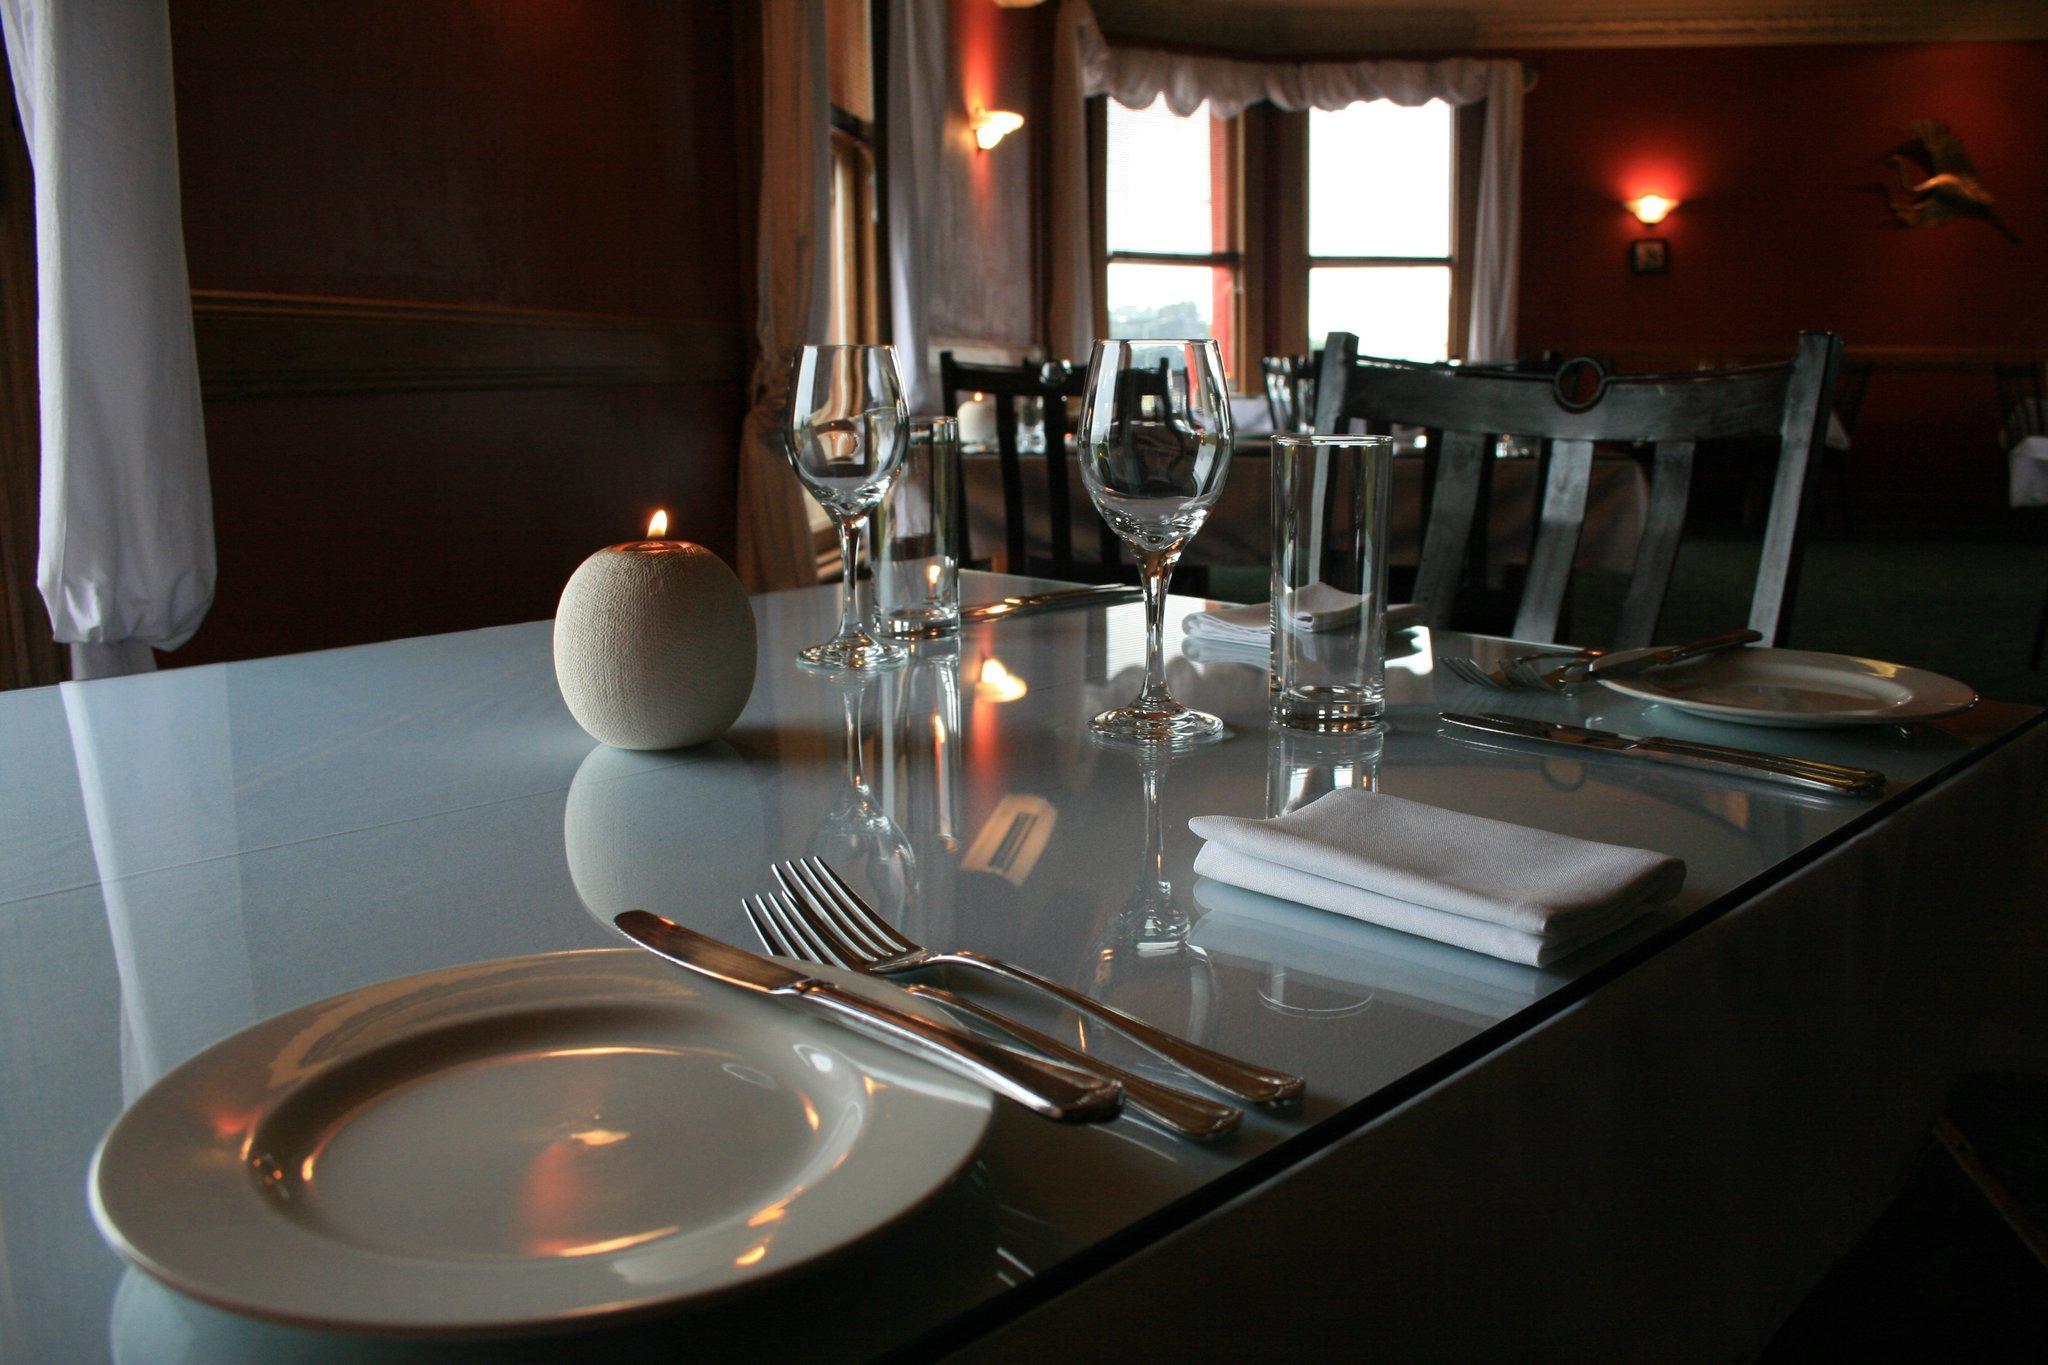 Elegance at 148 on Elles Restaurant